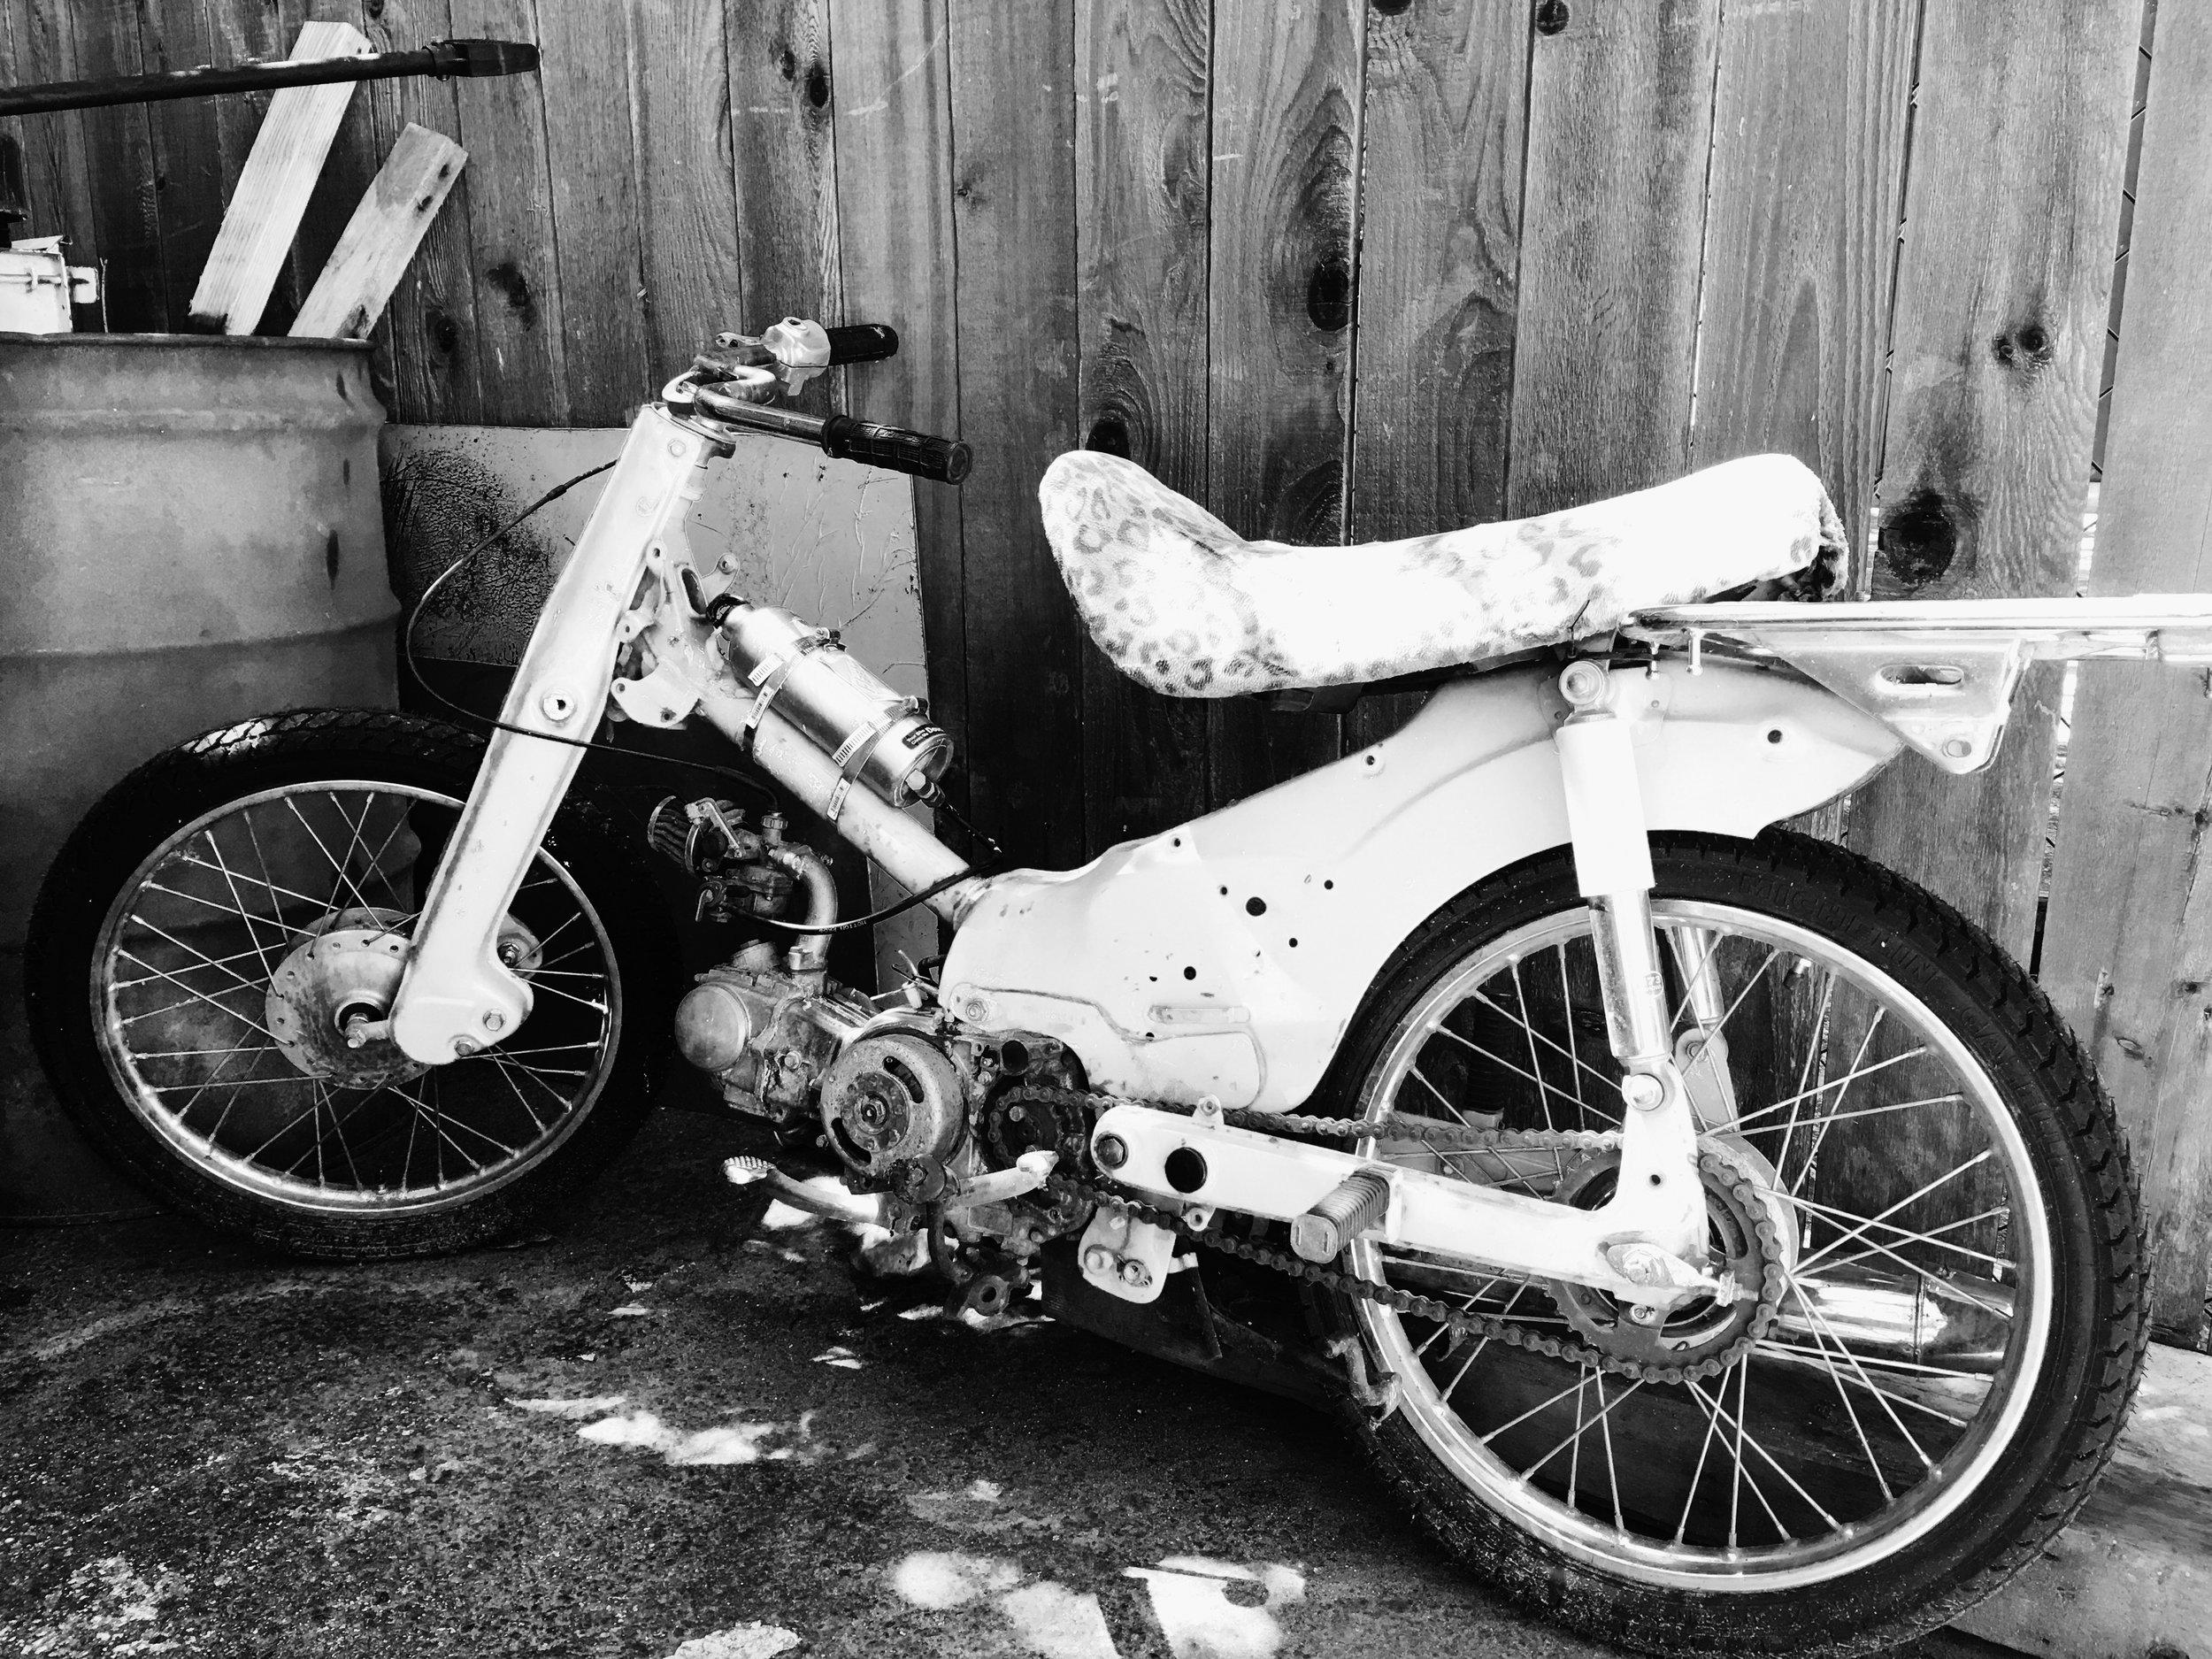 flash_motorbikes_swap_meet-2156.jpg